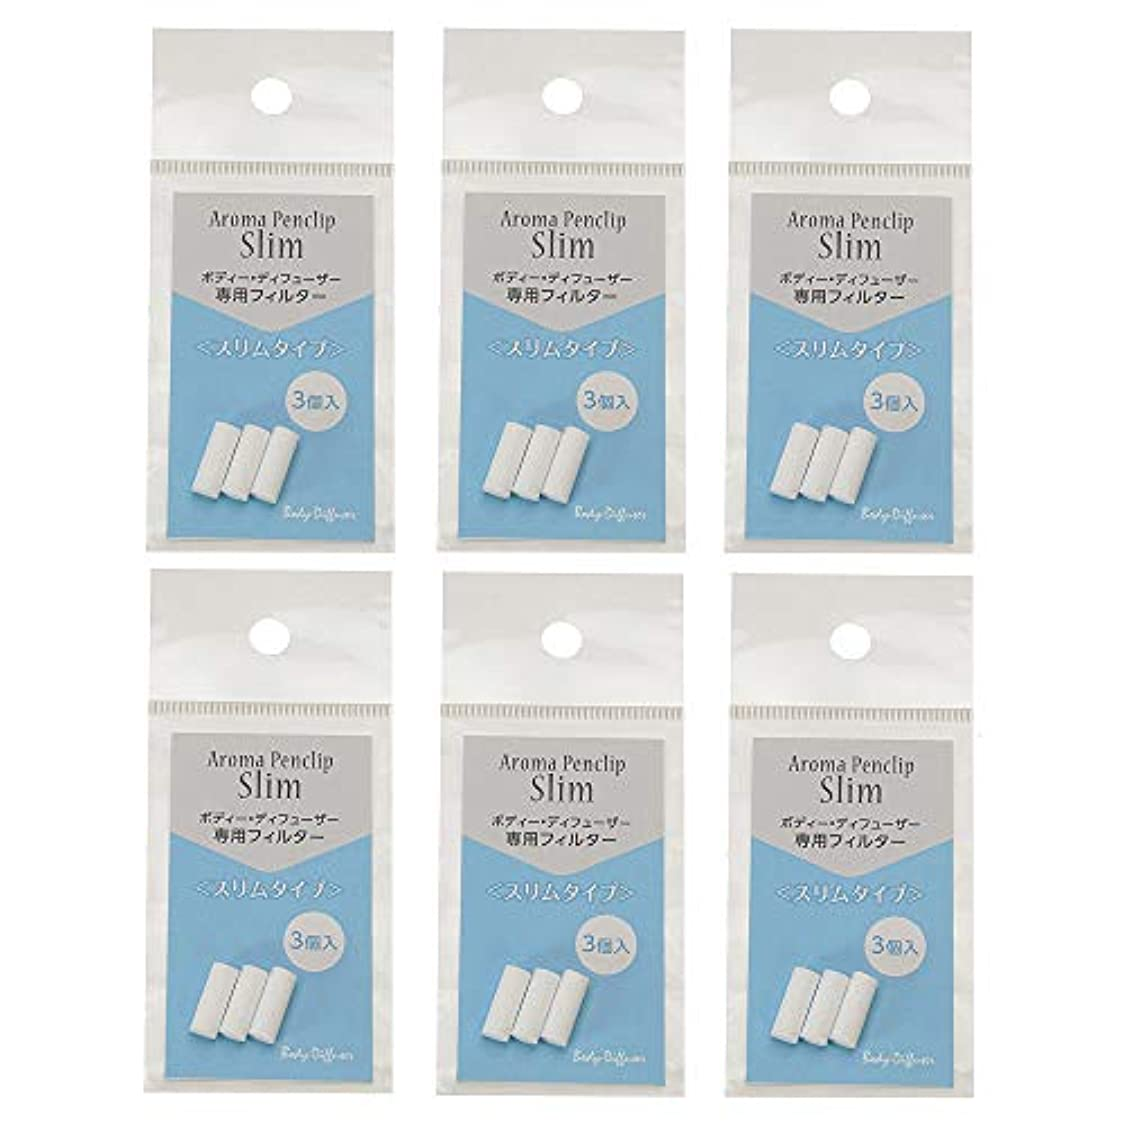 豪華なセンチメンタルワイプボディディフューザー (Body-Diffuse) Body-Diffuser ペンダントスリムフィルター1袋3個入 6袋 詰替え用 3個×6袋